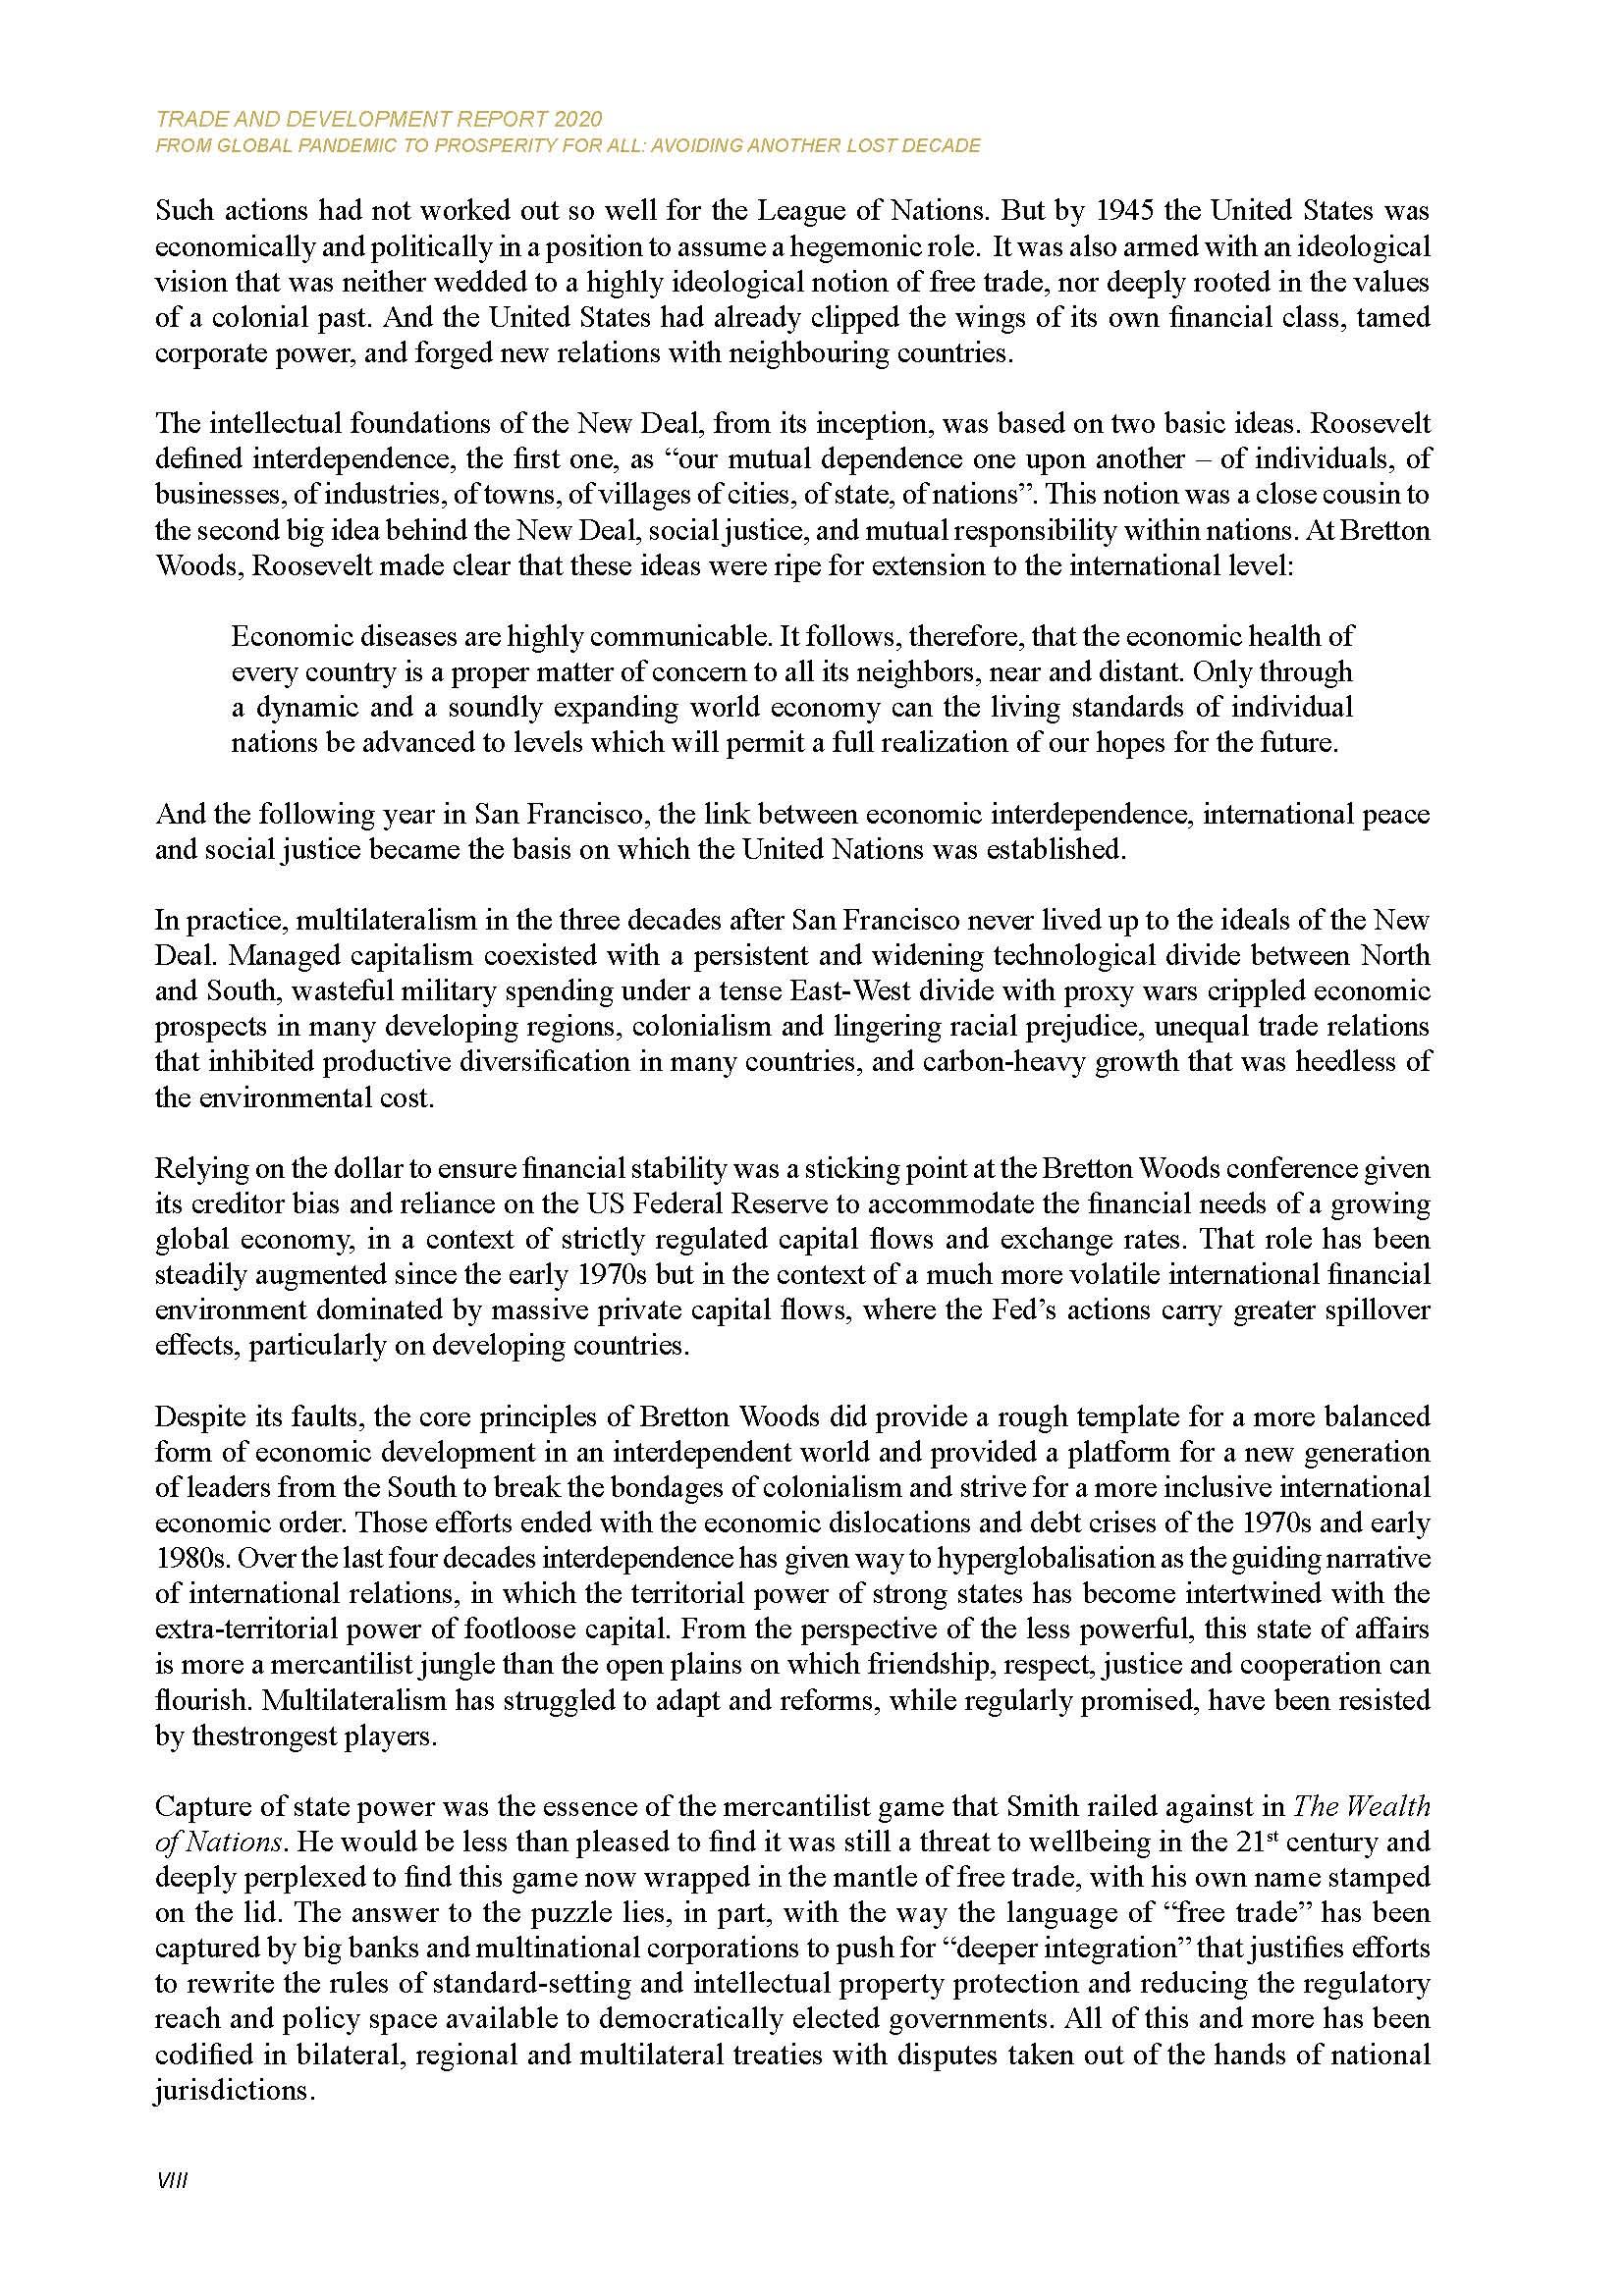 大数据研究报告,联合国贸发会议《2020年贸易和发展报告》!